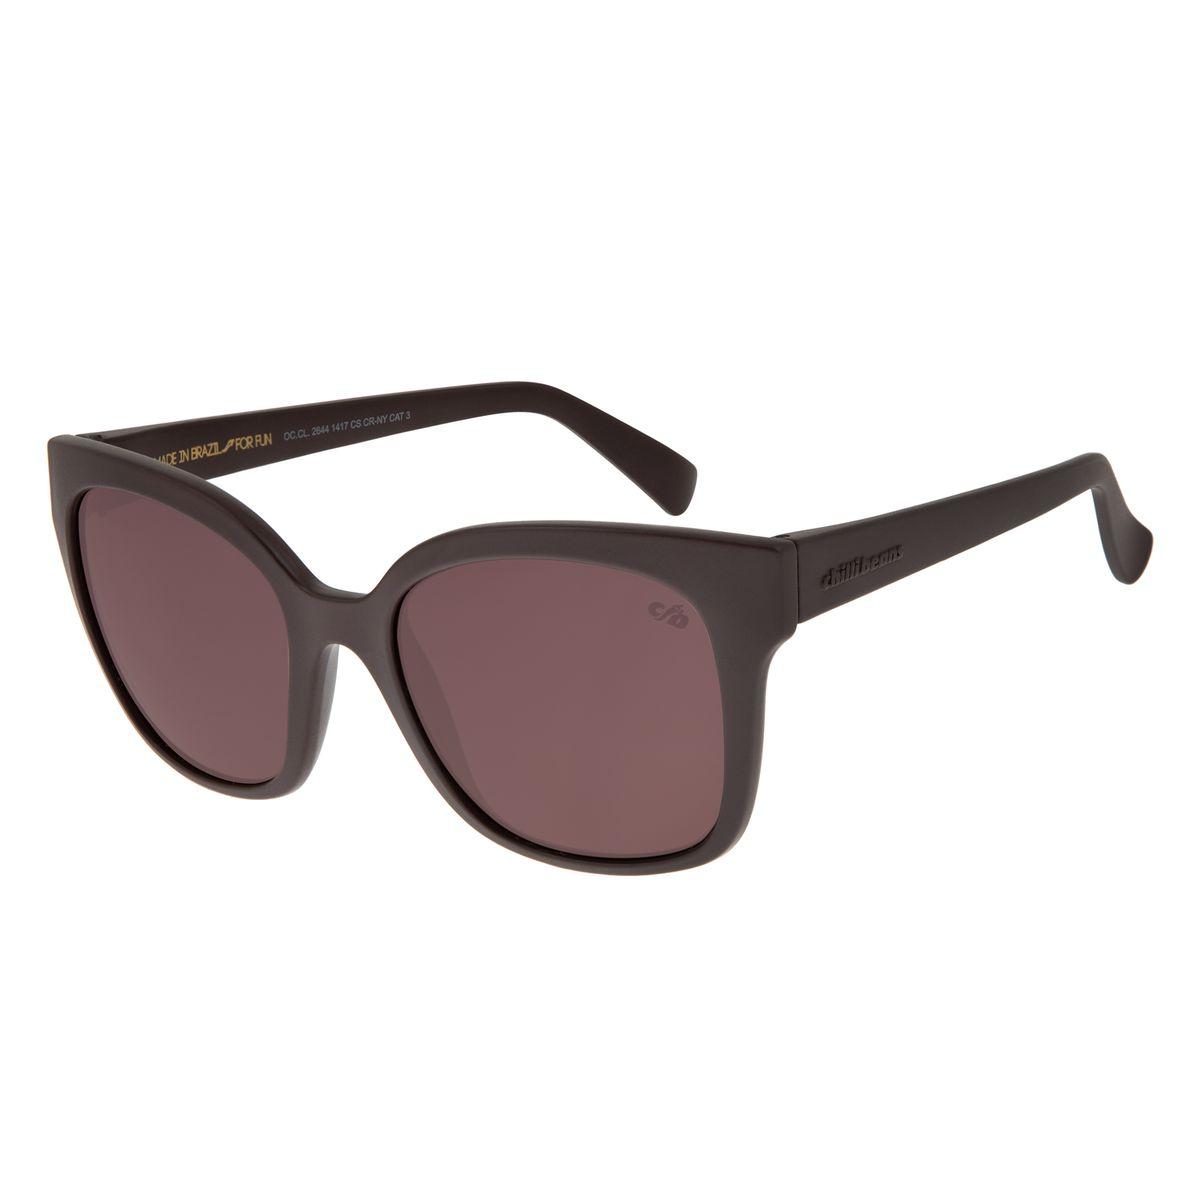 76b3ad79e Óculos de Sol Feminino Chilli Beans Vinho 2644 - OC.CL.2644.1417 M. REF:  OC.CL.2644.1417. OC.